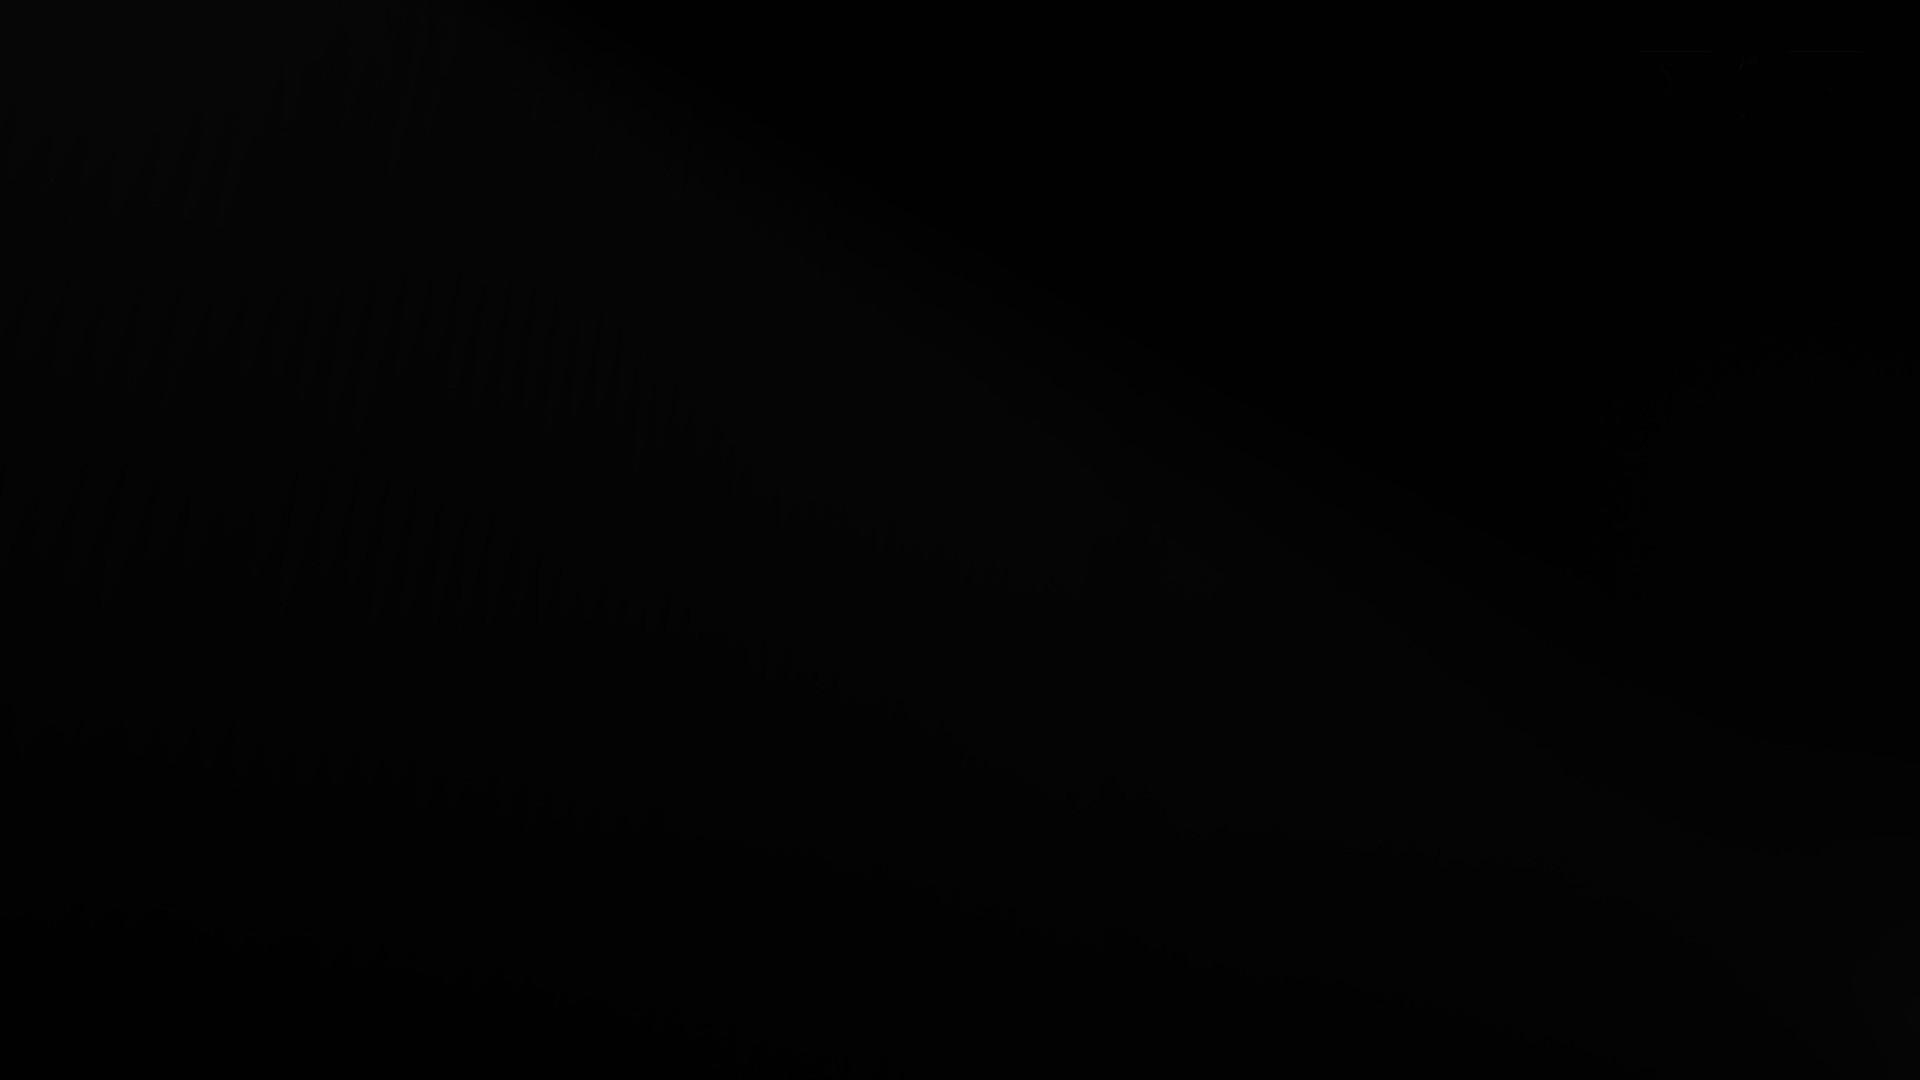 芸術大学ガチ潜入盗撮 JD盗撮 美女の洗面所の秘密 Vol.108 トイレ盗撮 われめAV動画紹介 95pic 11